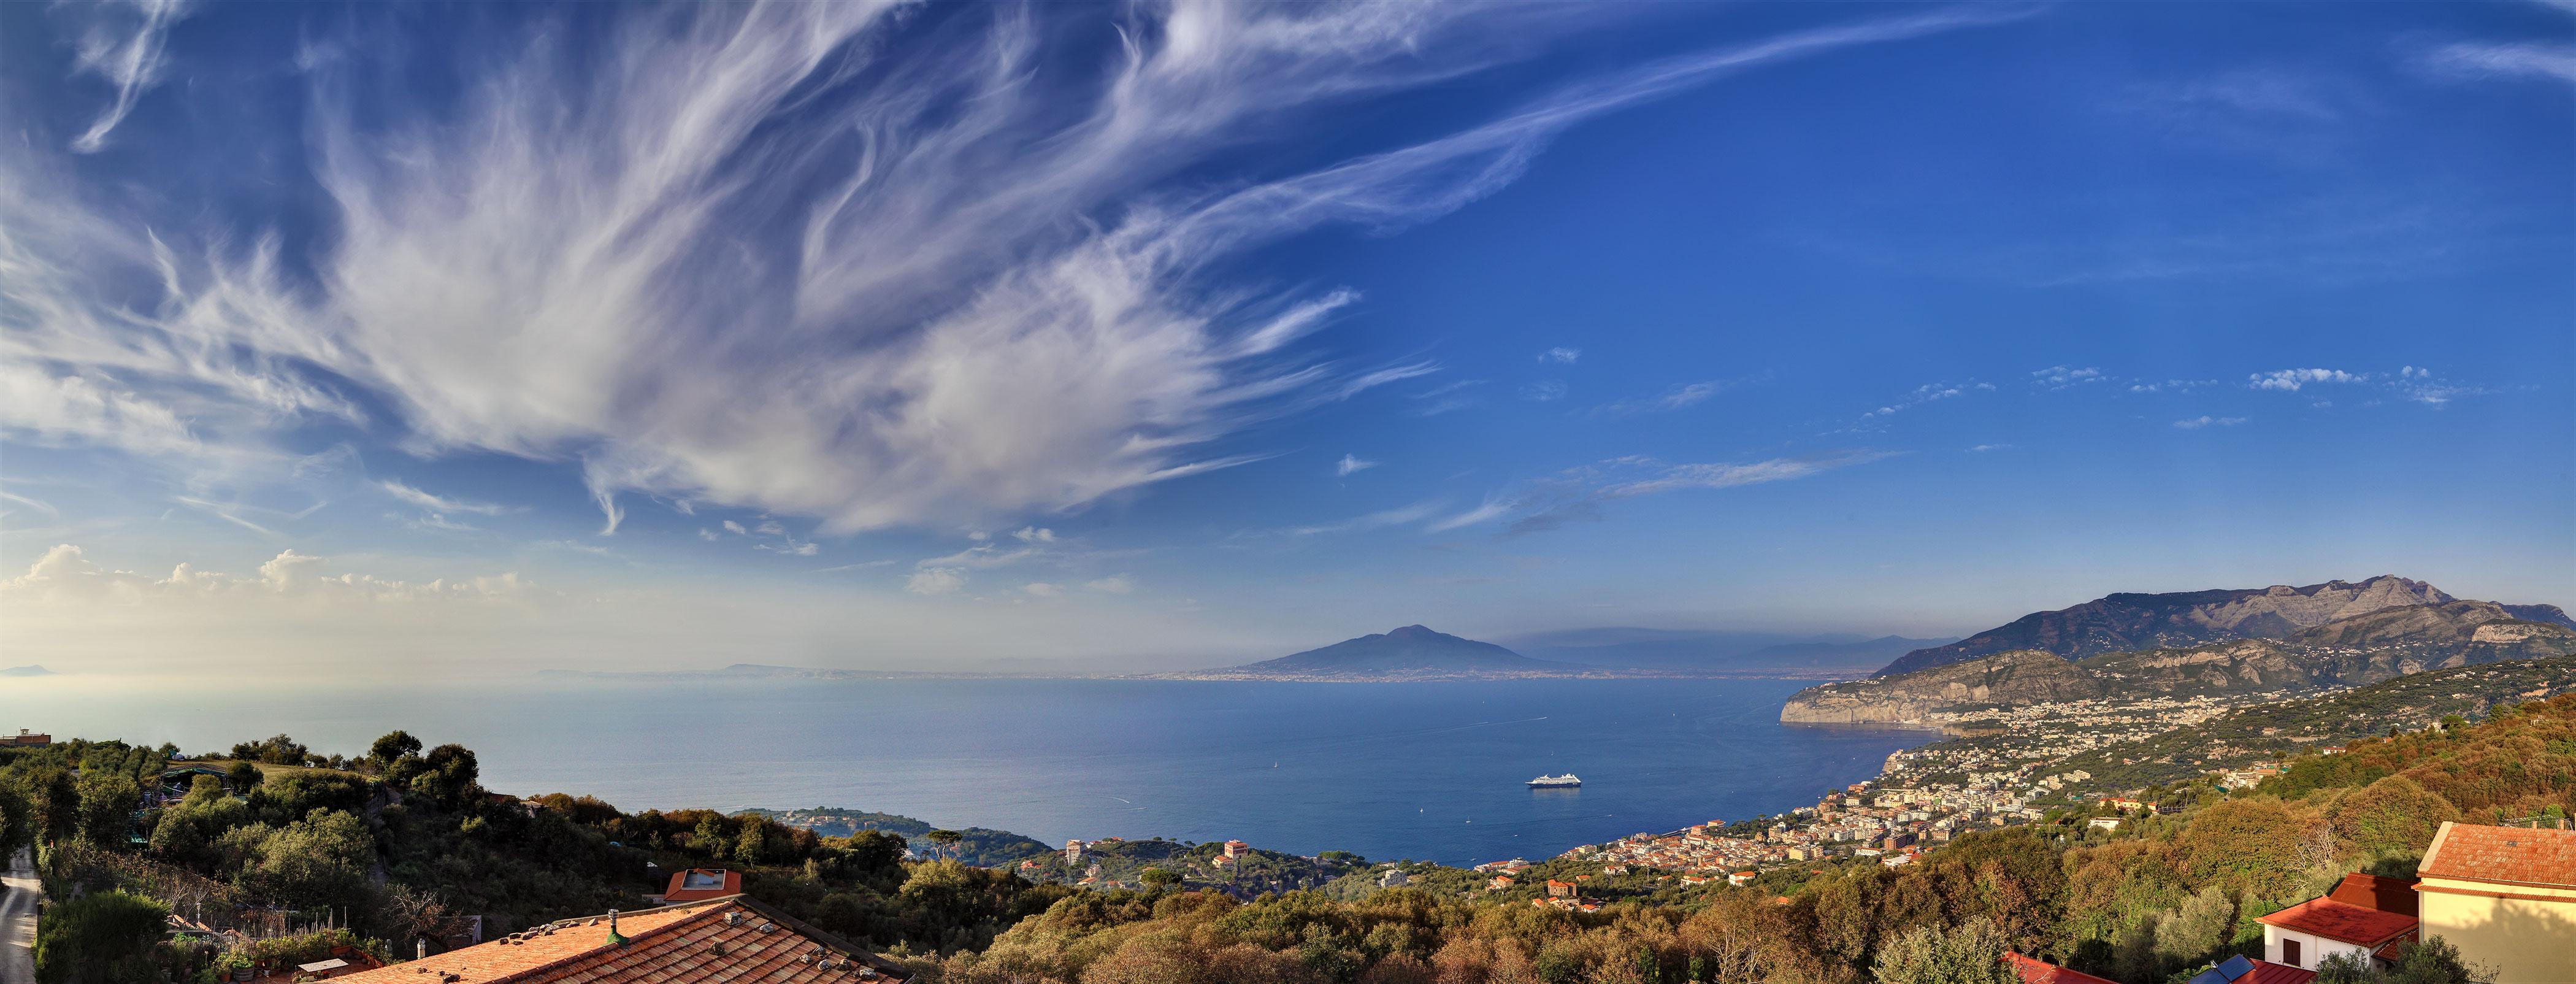 Apartment Villa Vesuvio - Luxury and Beauty photo 25033422